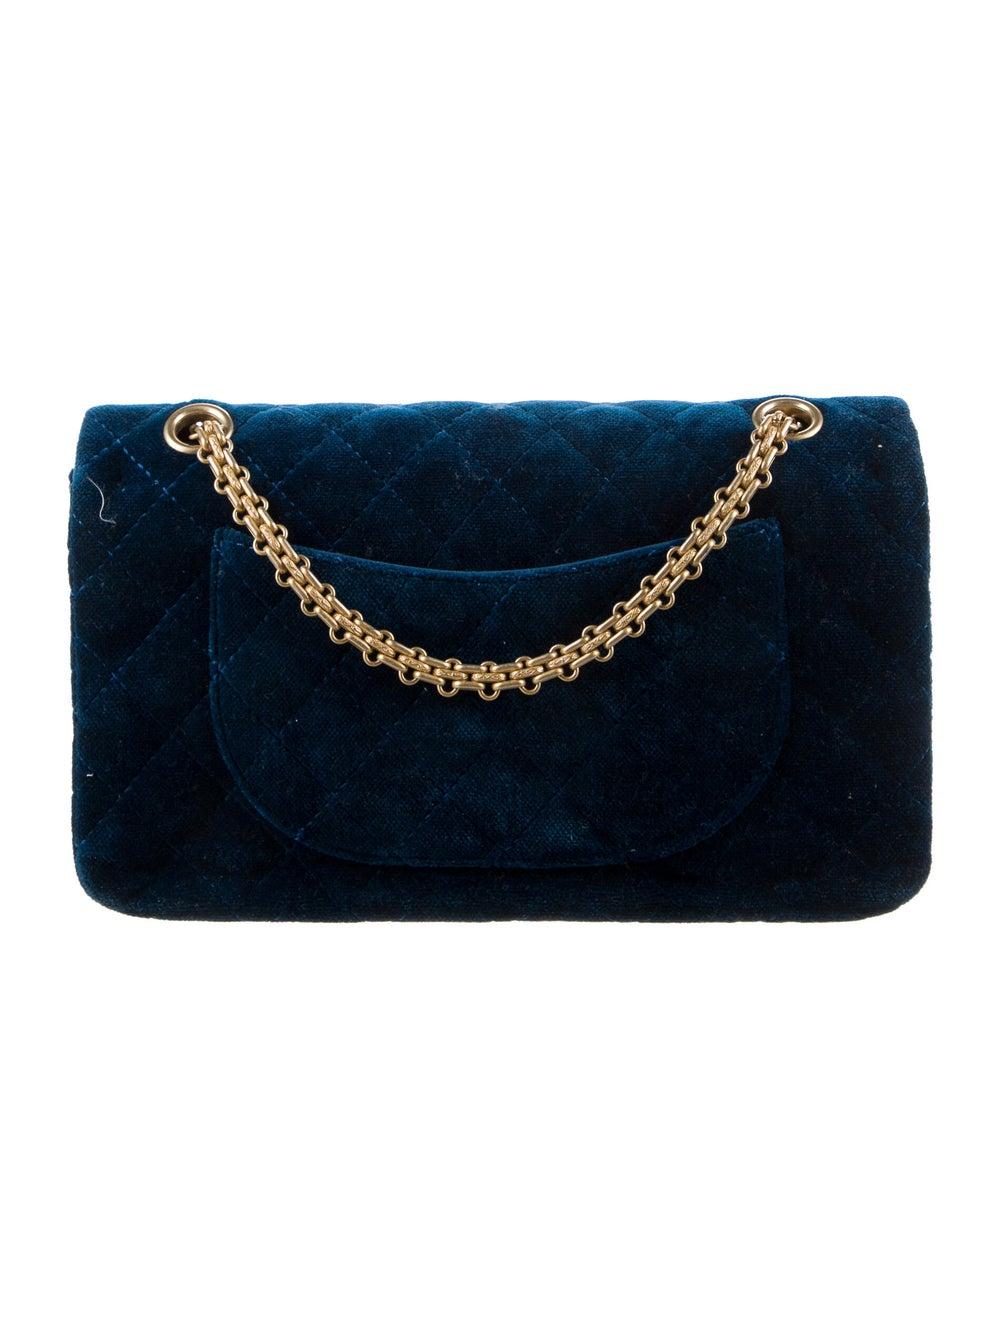 Chanel Velvet Reissue 225 Flap Bag Blue - image 4